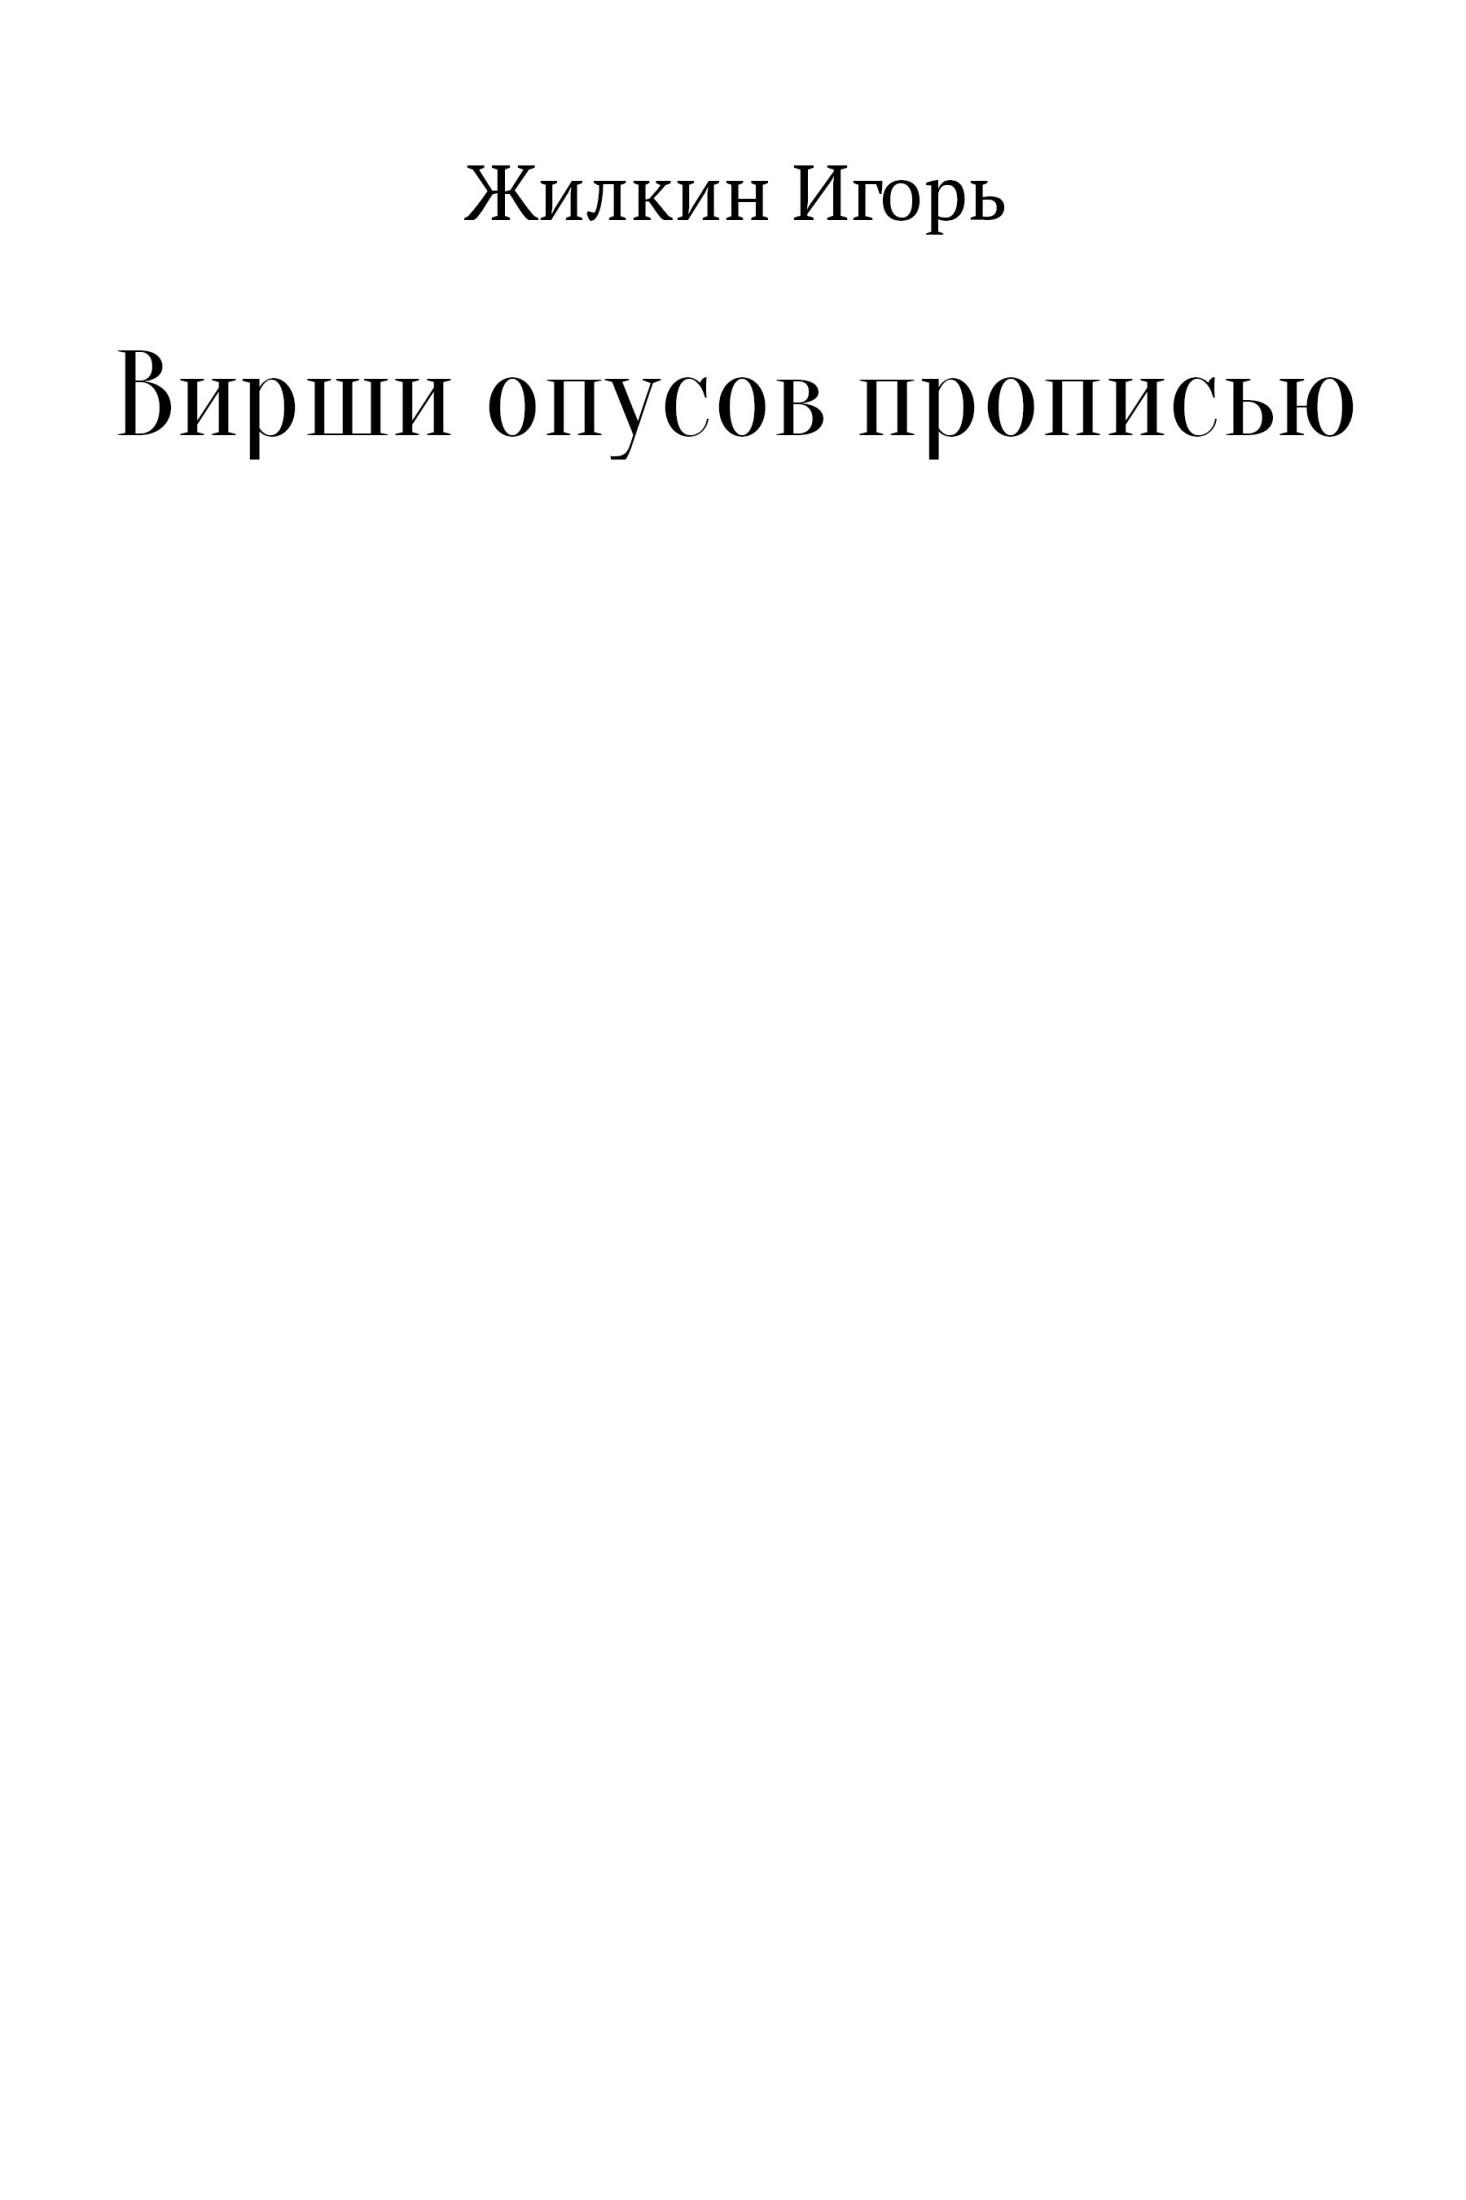 Игорь Валерьевич Жилкин Вирши опусов прописью. Сборник стихотворений